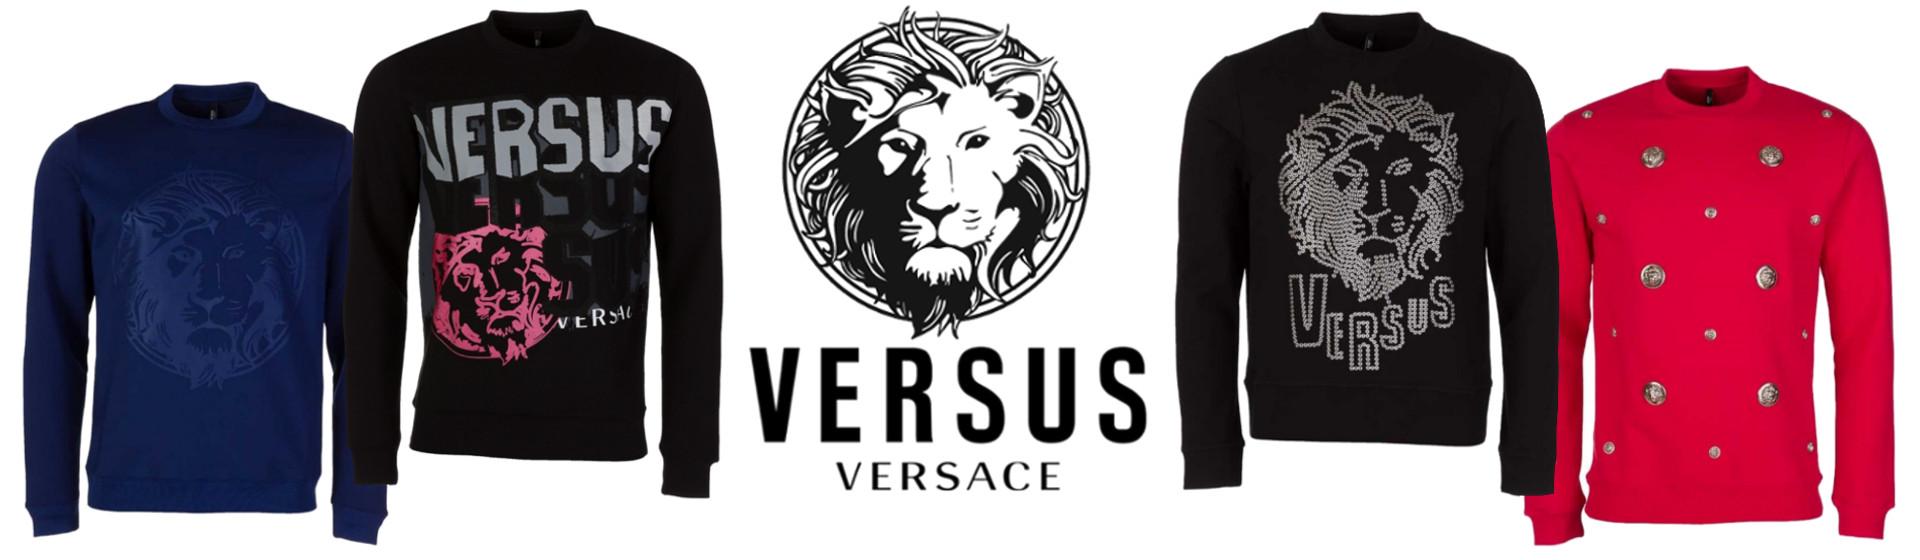 Staff Pick: Versus Versace Sweatshirt